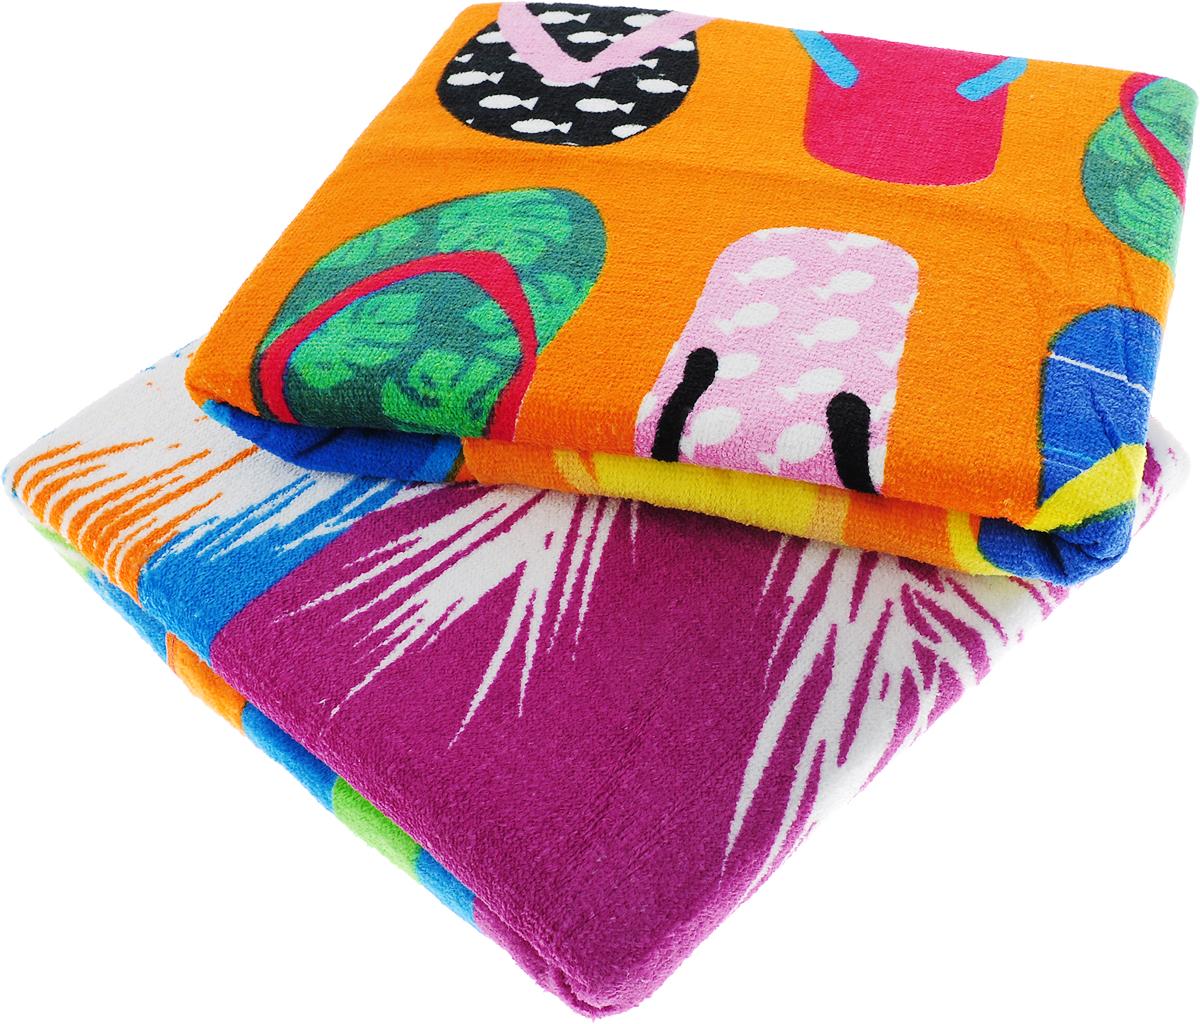 Набор пляжных полотенец Bonita, цвет: оранжевый, розовый, 75 х 150 см, 2 шт набор полотенец 2 шт fiesta textile цвет розовый